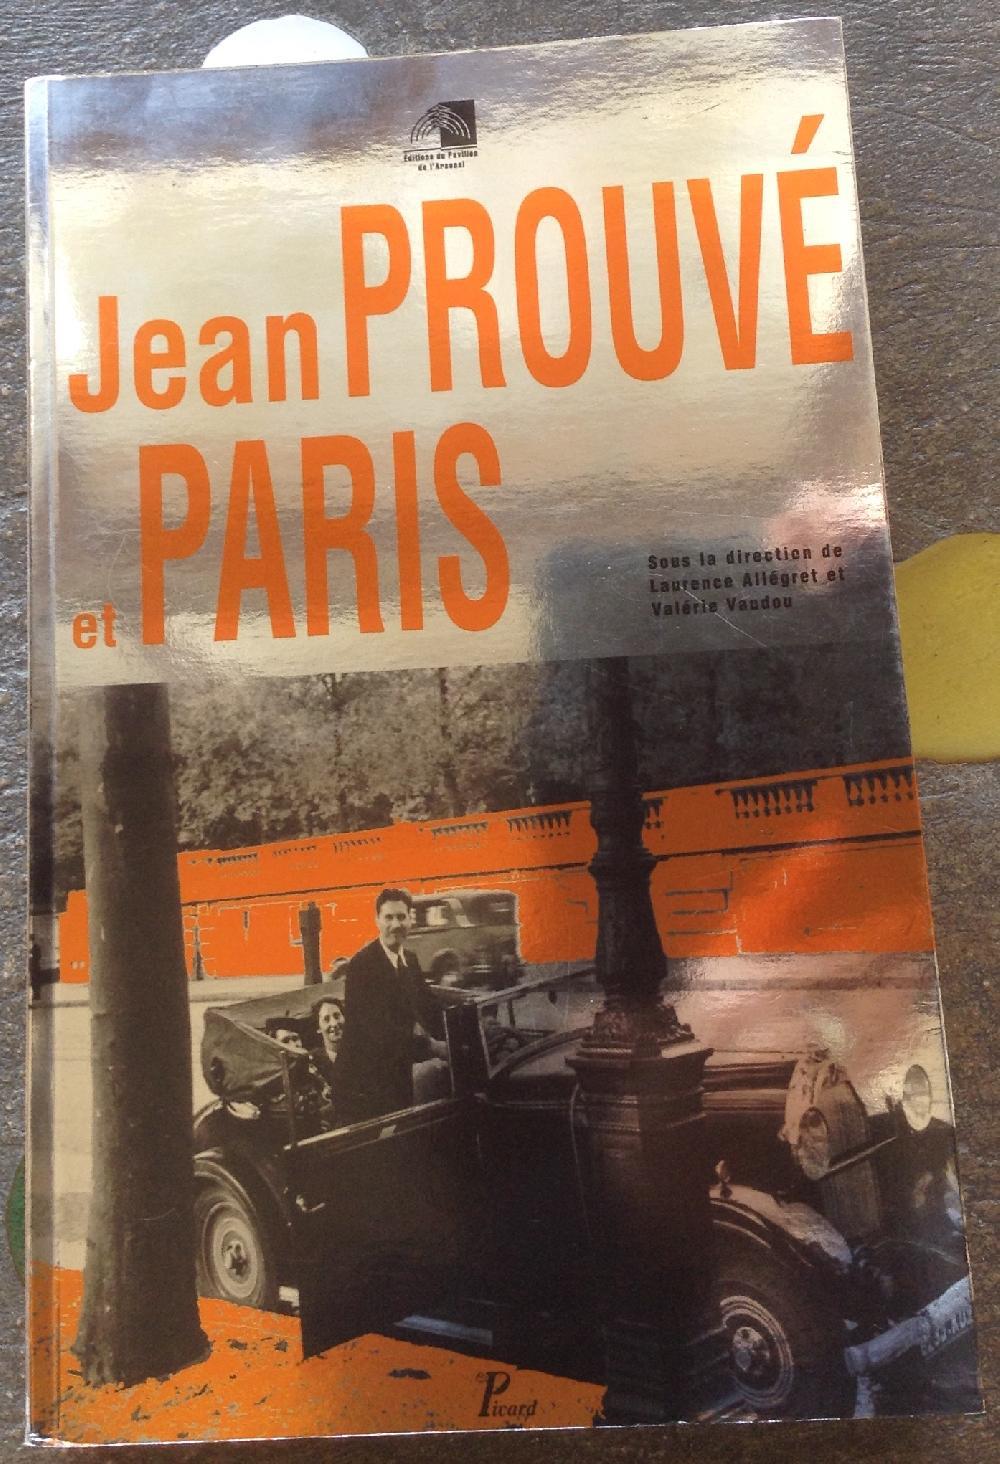 Jean Prouvé et Paris